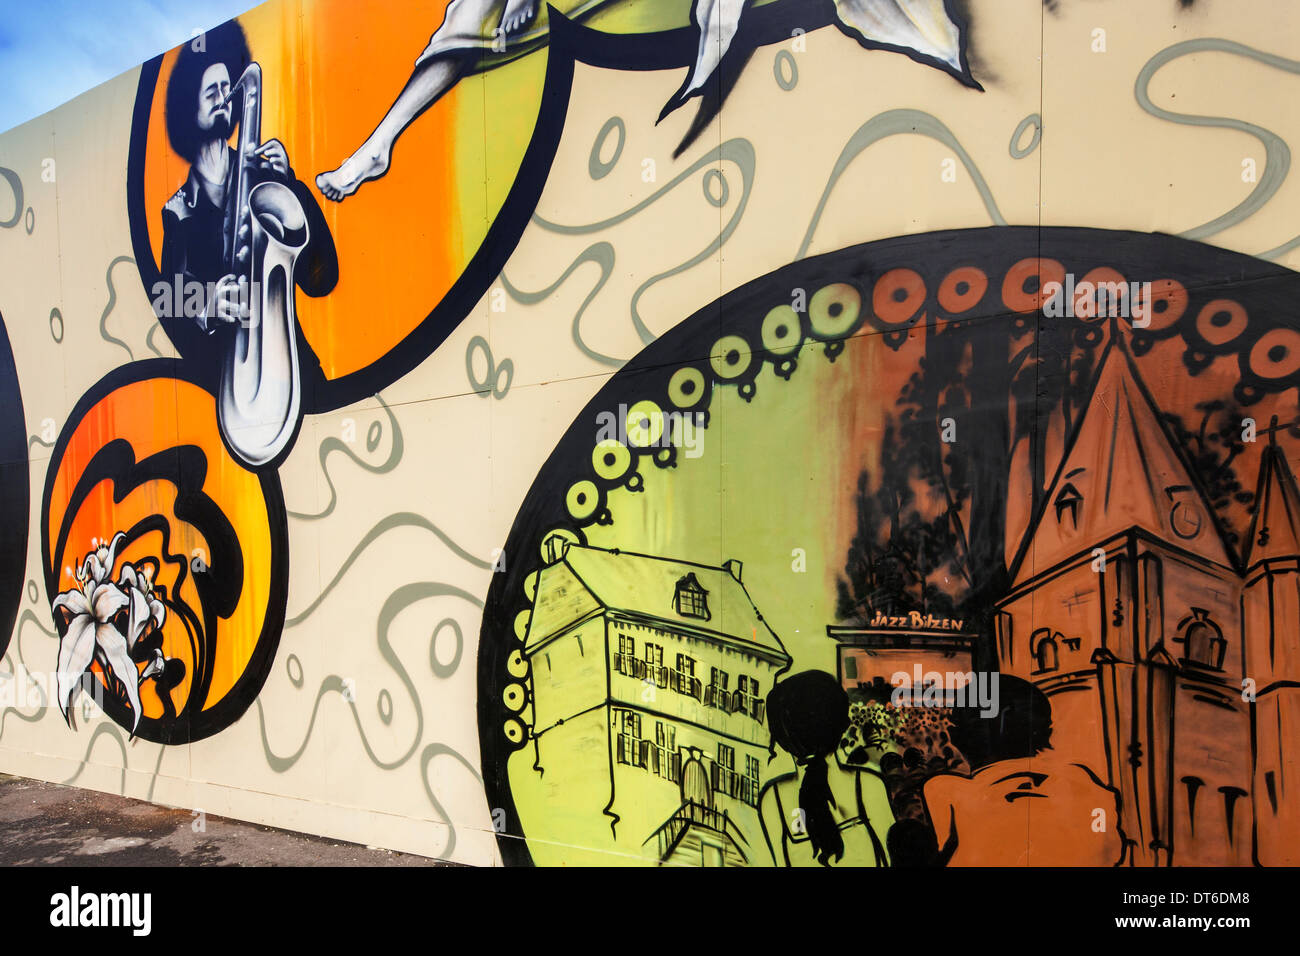 Graffiti sur mur à Jazz Bilzen, multi-day open air festival jazz et pop dans la ville belge de Bilzen, Limbourg, Belgique Photo Stock